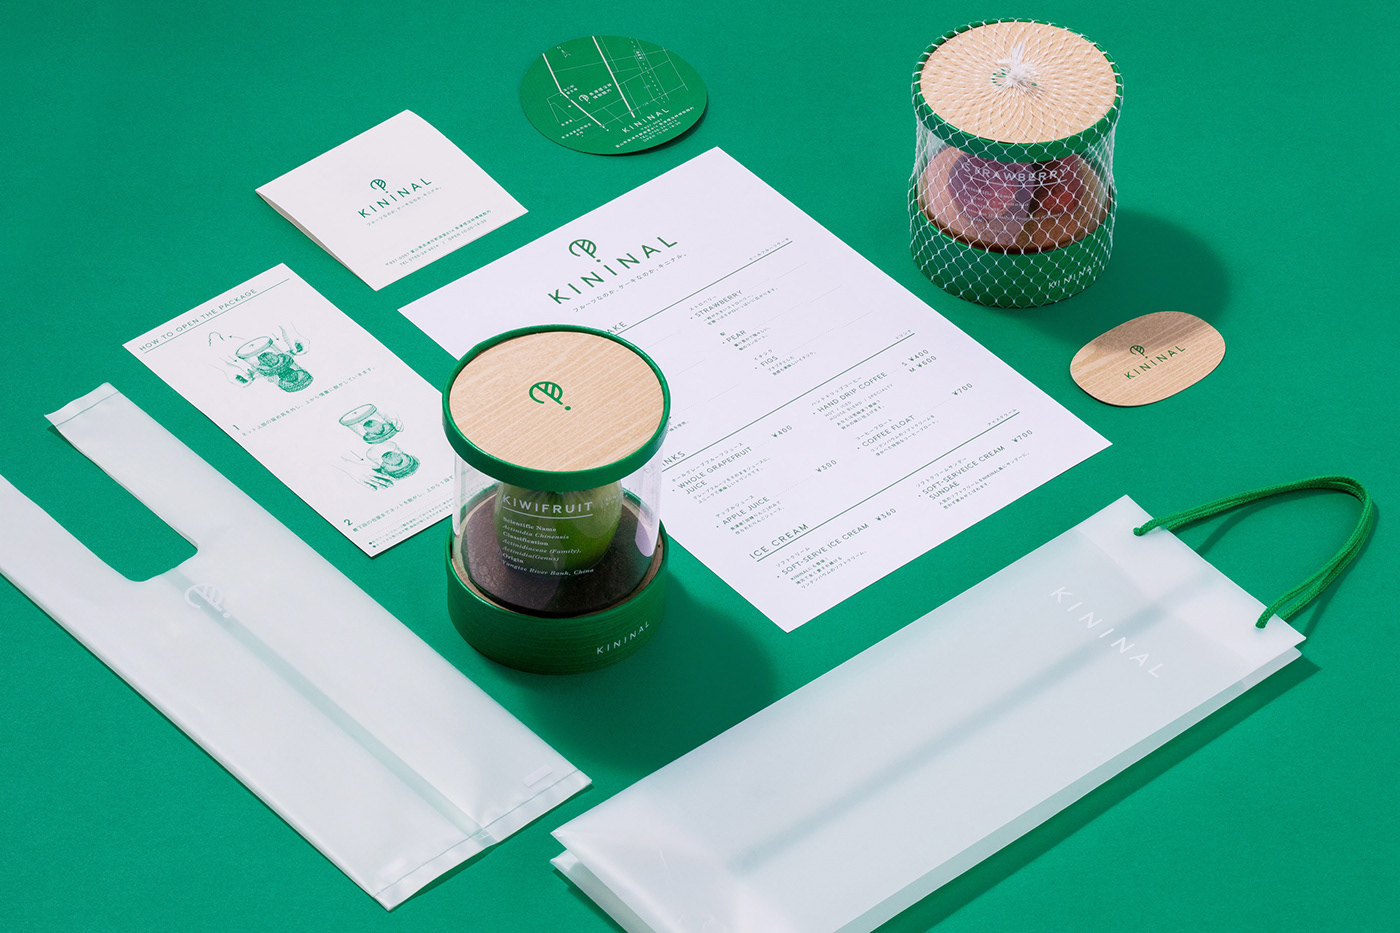 Space design,cafe,graphic design ,social design,community design,eco friendly,Eisuke Tachikawa,nosigner,sdgs